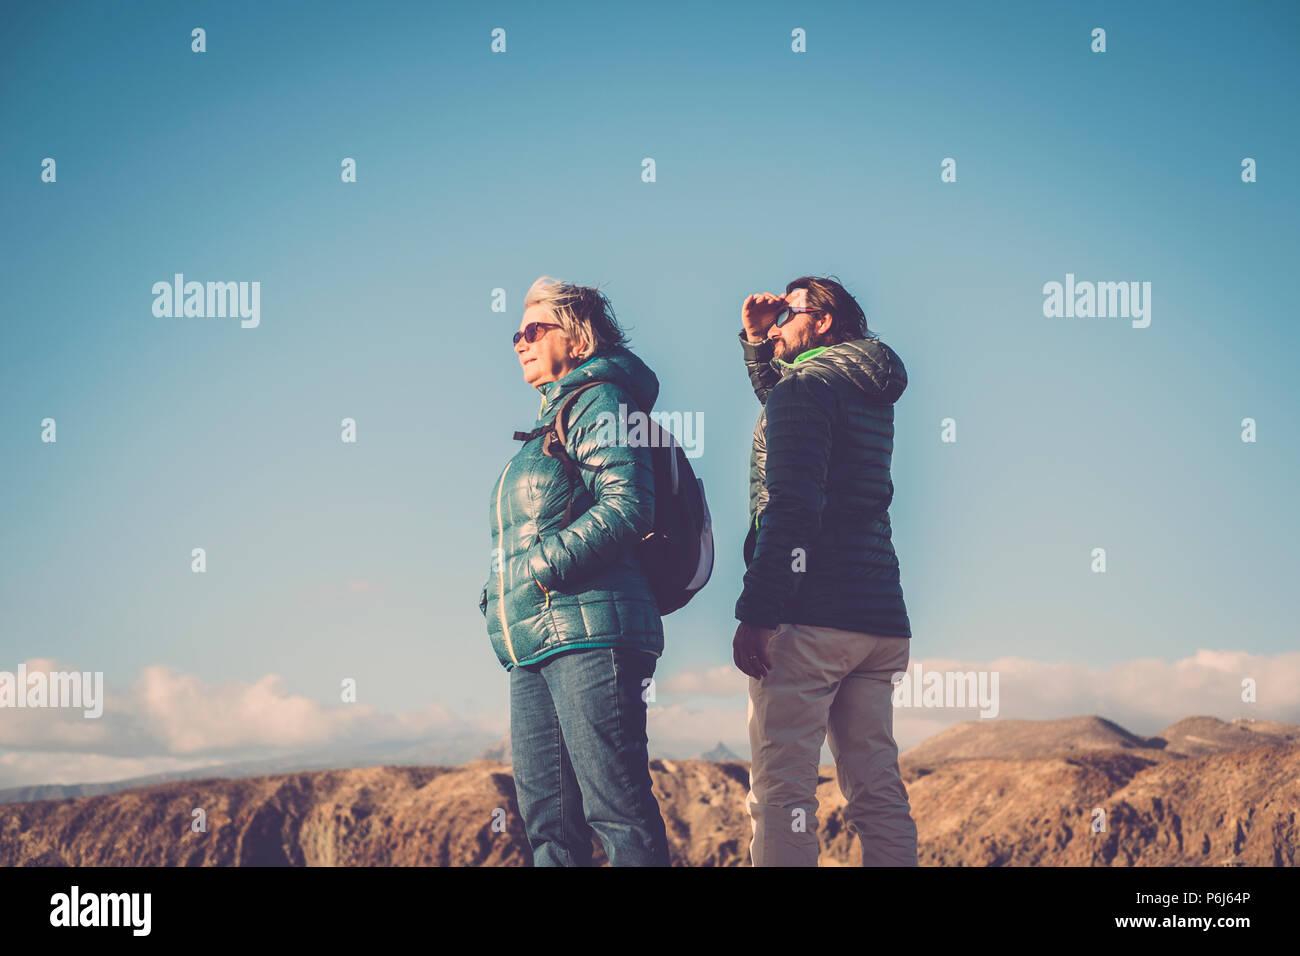 Paare unterschiedlichen Alters wie Mutter und Sohn gehen zusammen in trekking Aktivität auf einem Berg. Wandern Freizeit aktive Menschen draußen in der Natur Stockfoto